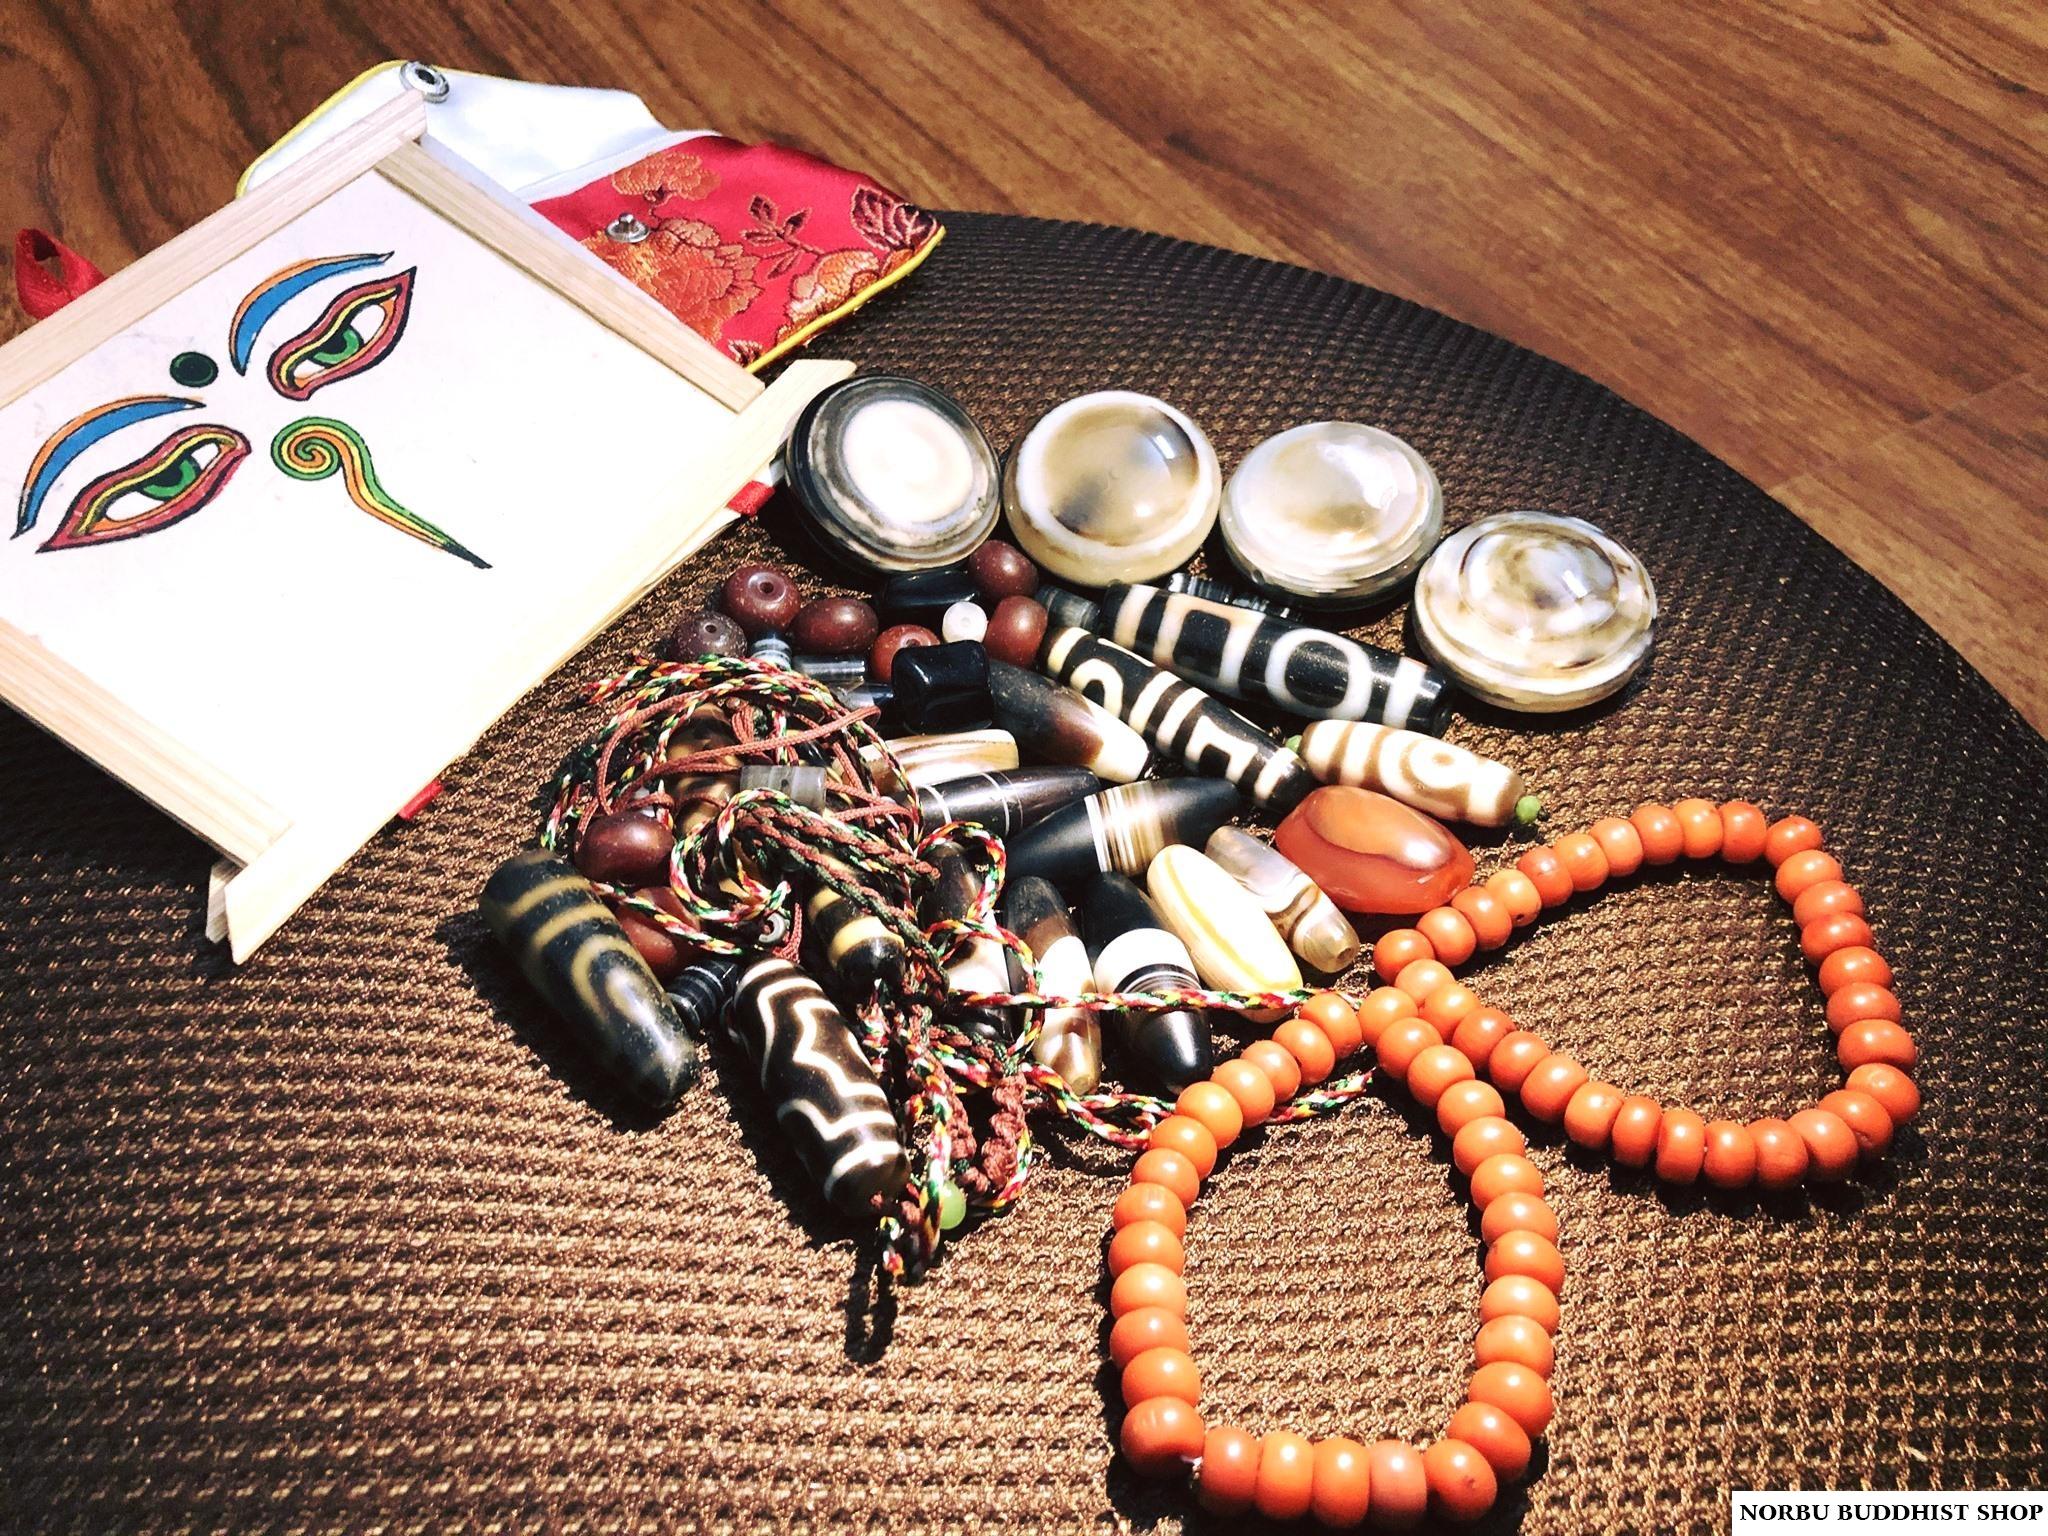 New dzi bead - dzi mới có thực sự là lựa chọn tốt nhất cho người sưu tầm? 1